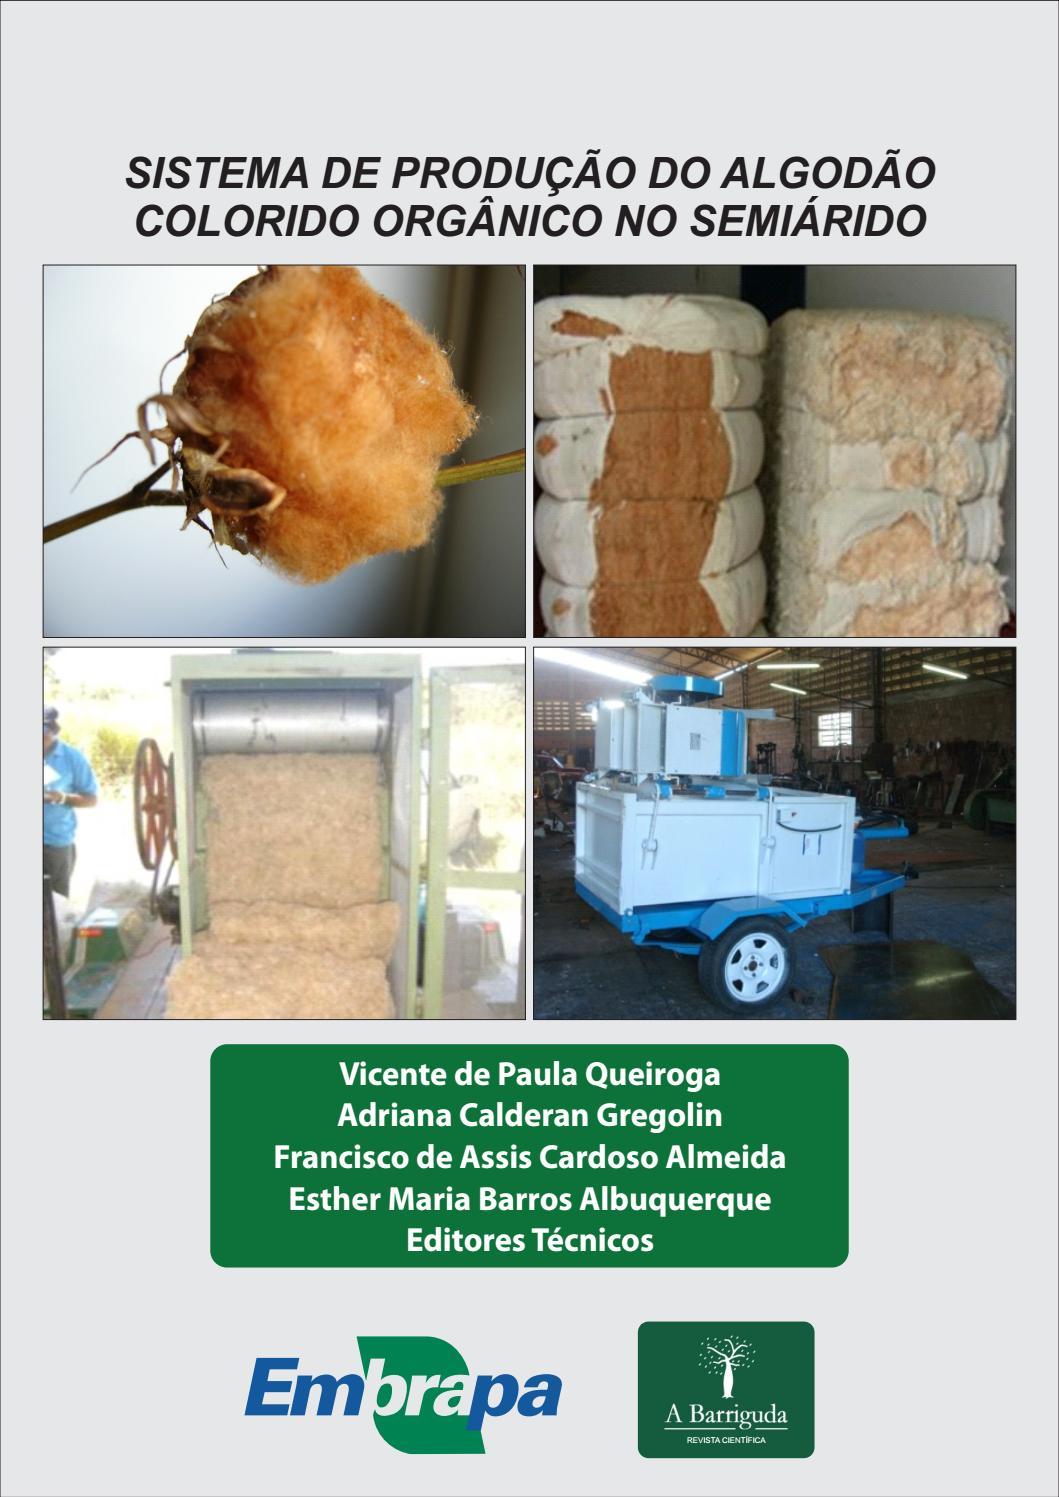 Sistema de Produção de Algodão Colorido Orgânico no Semiárido by abarriguda  - issuu f36edad513